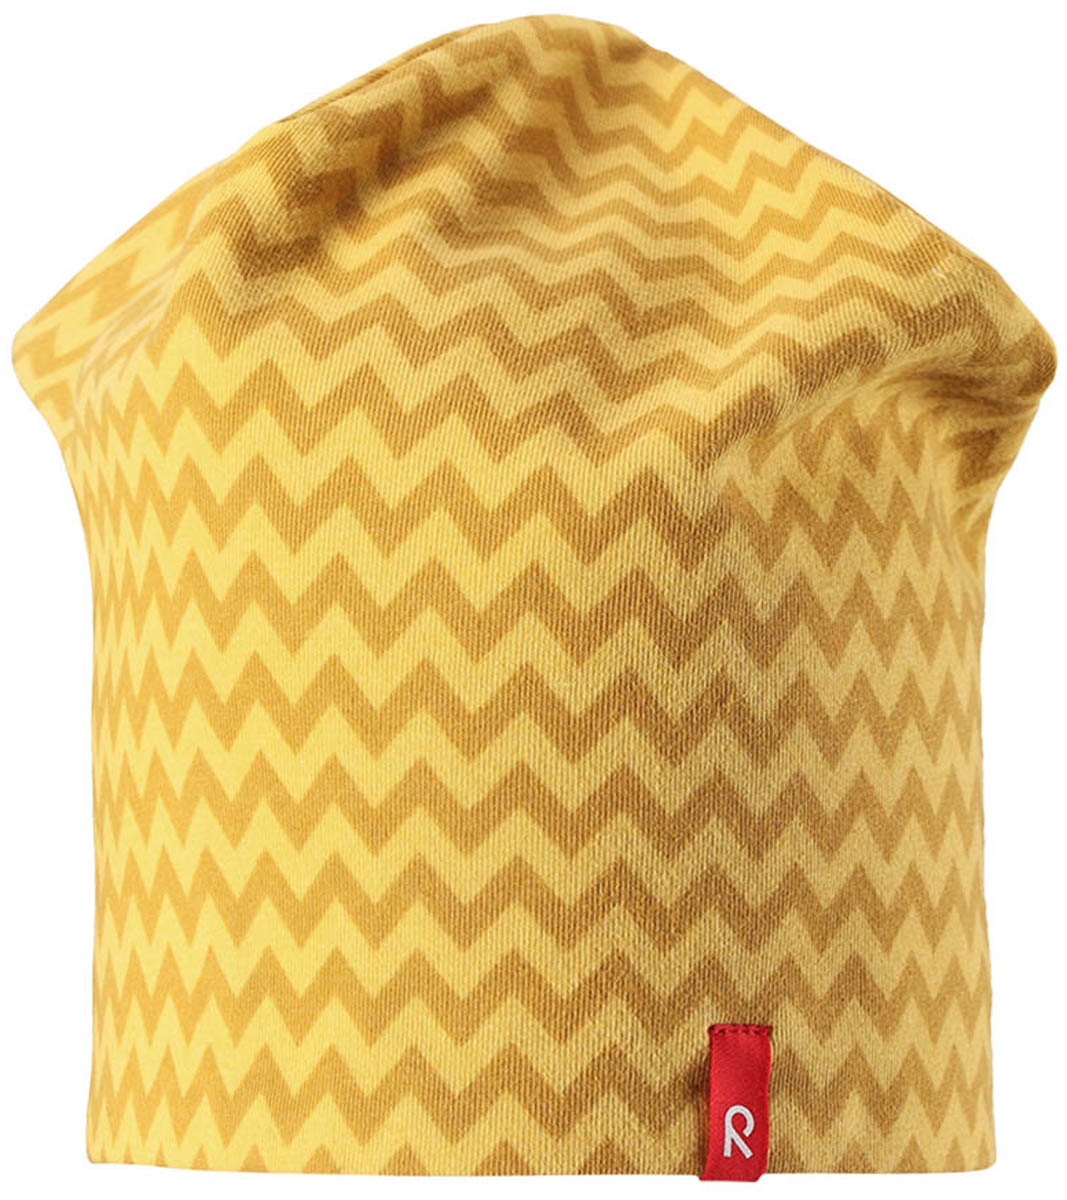 Шапка-бини детская Reima Hirvi, цвет: желтый. 5285392392. Размер 545285392392Легкая двусторонняя шапка Reima для малышей и детей постарше с УФ-защитой 40+. Шапка изготовлена из дышащего и быстросохнущего материла Play Jersey, эффективно выводящего влагу с кожи. Озорная двухсторонняя шапка меняет цвет в одно мгновение! Обратная сторона шапки серая.